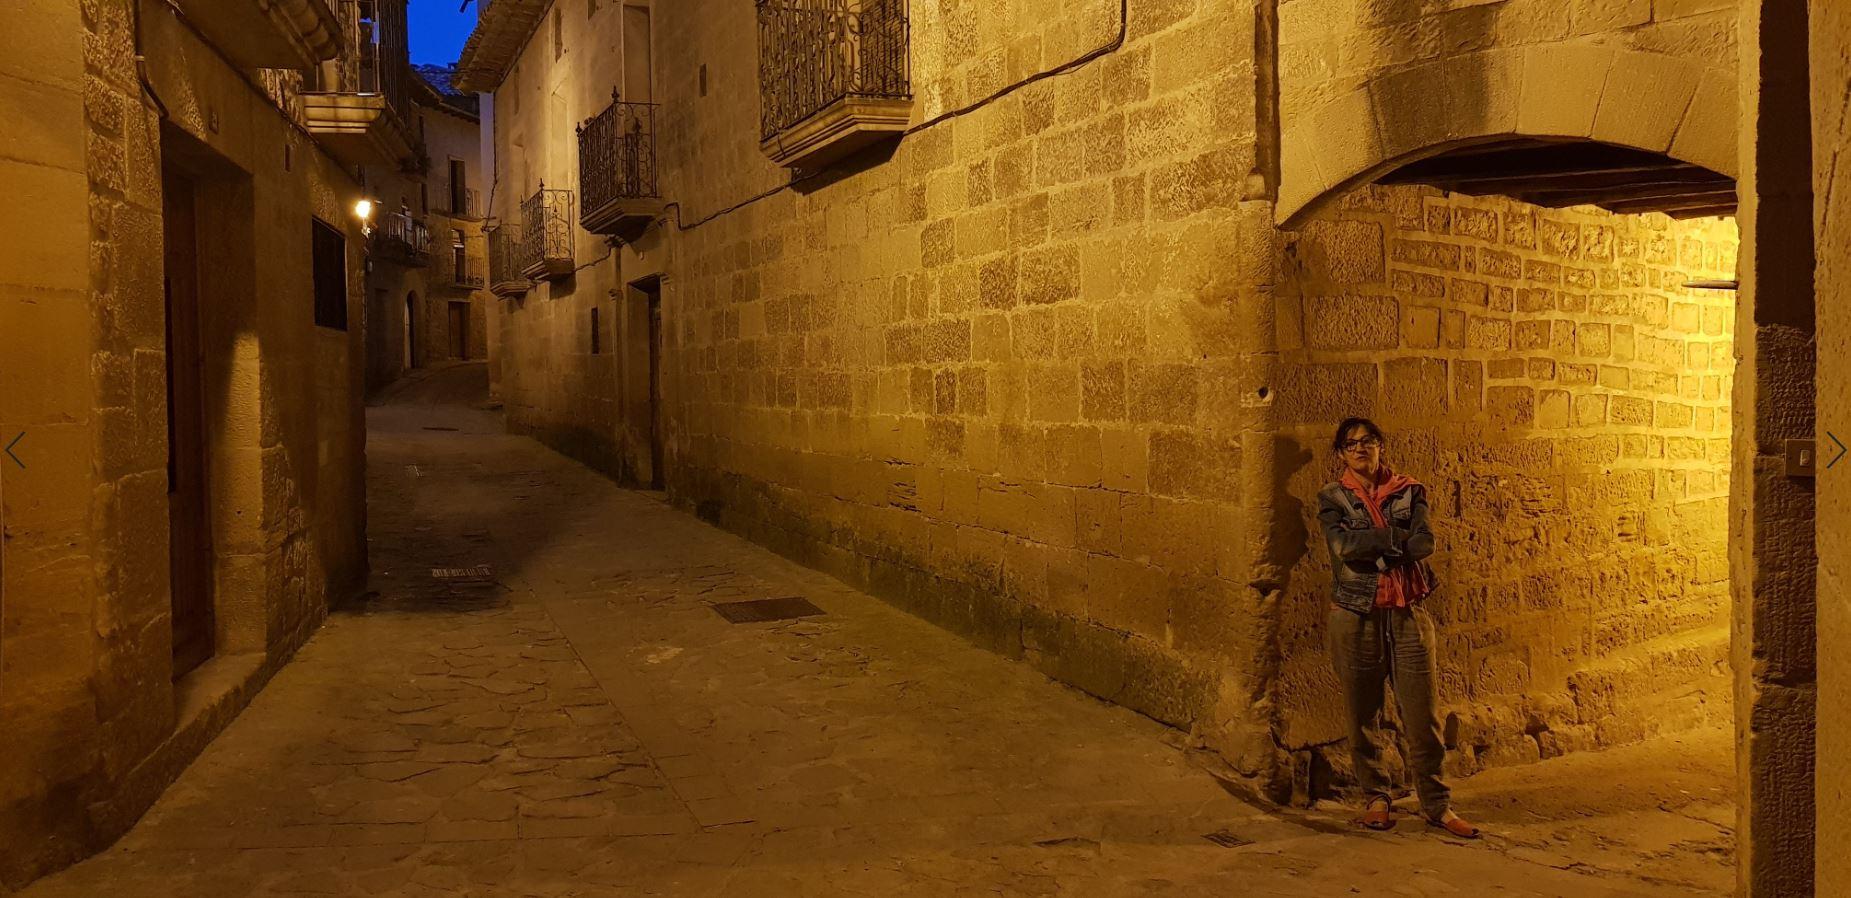 Calles medievales de Uncastillo, entre Navarra y Huesca